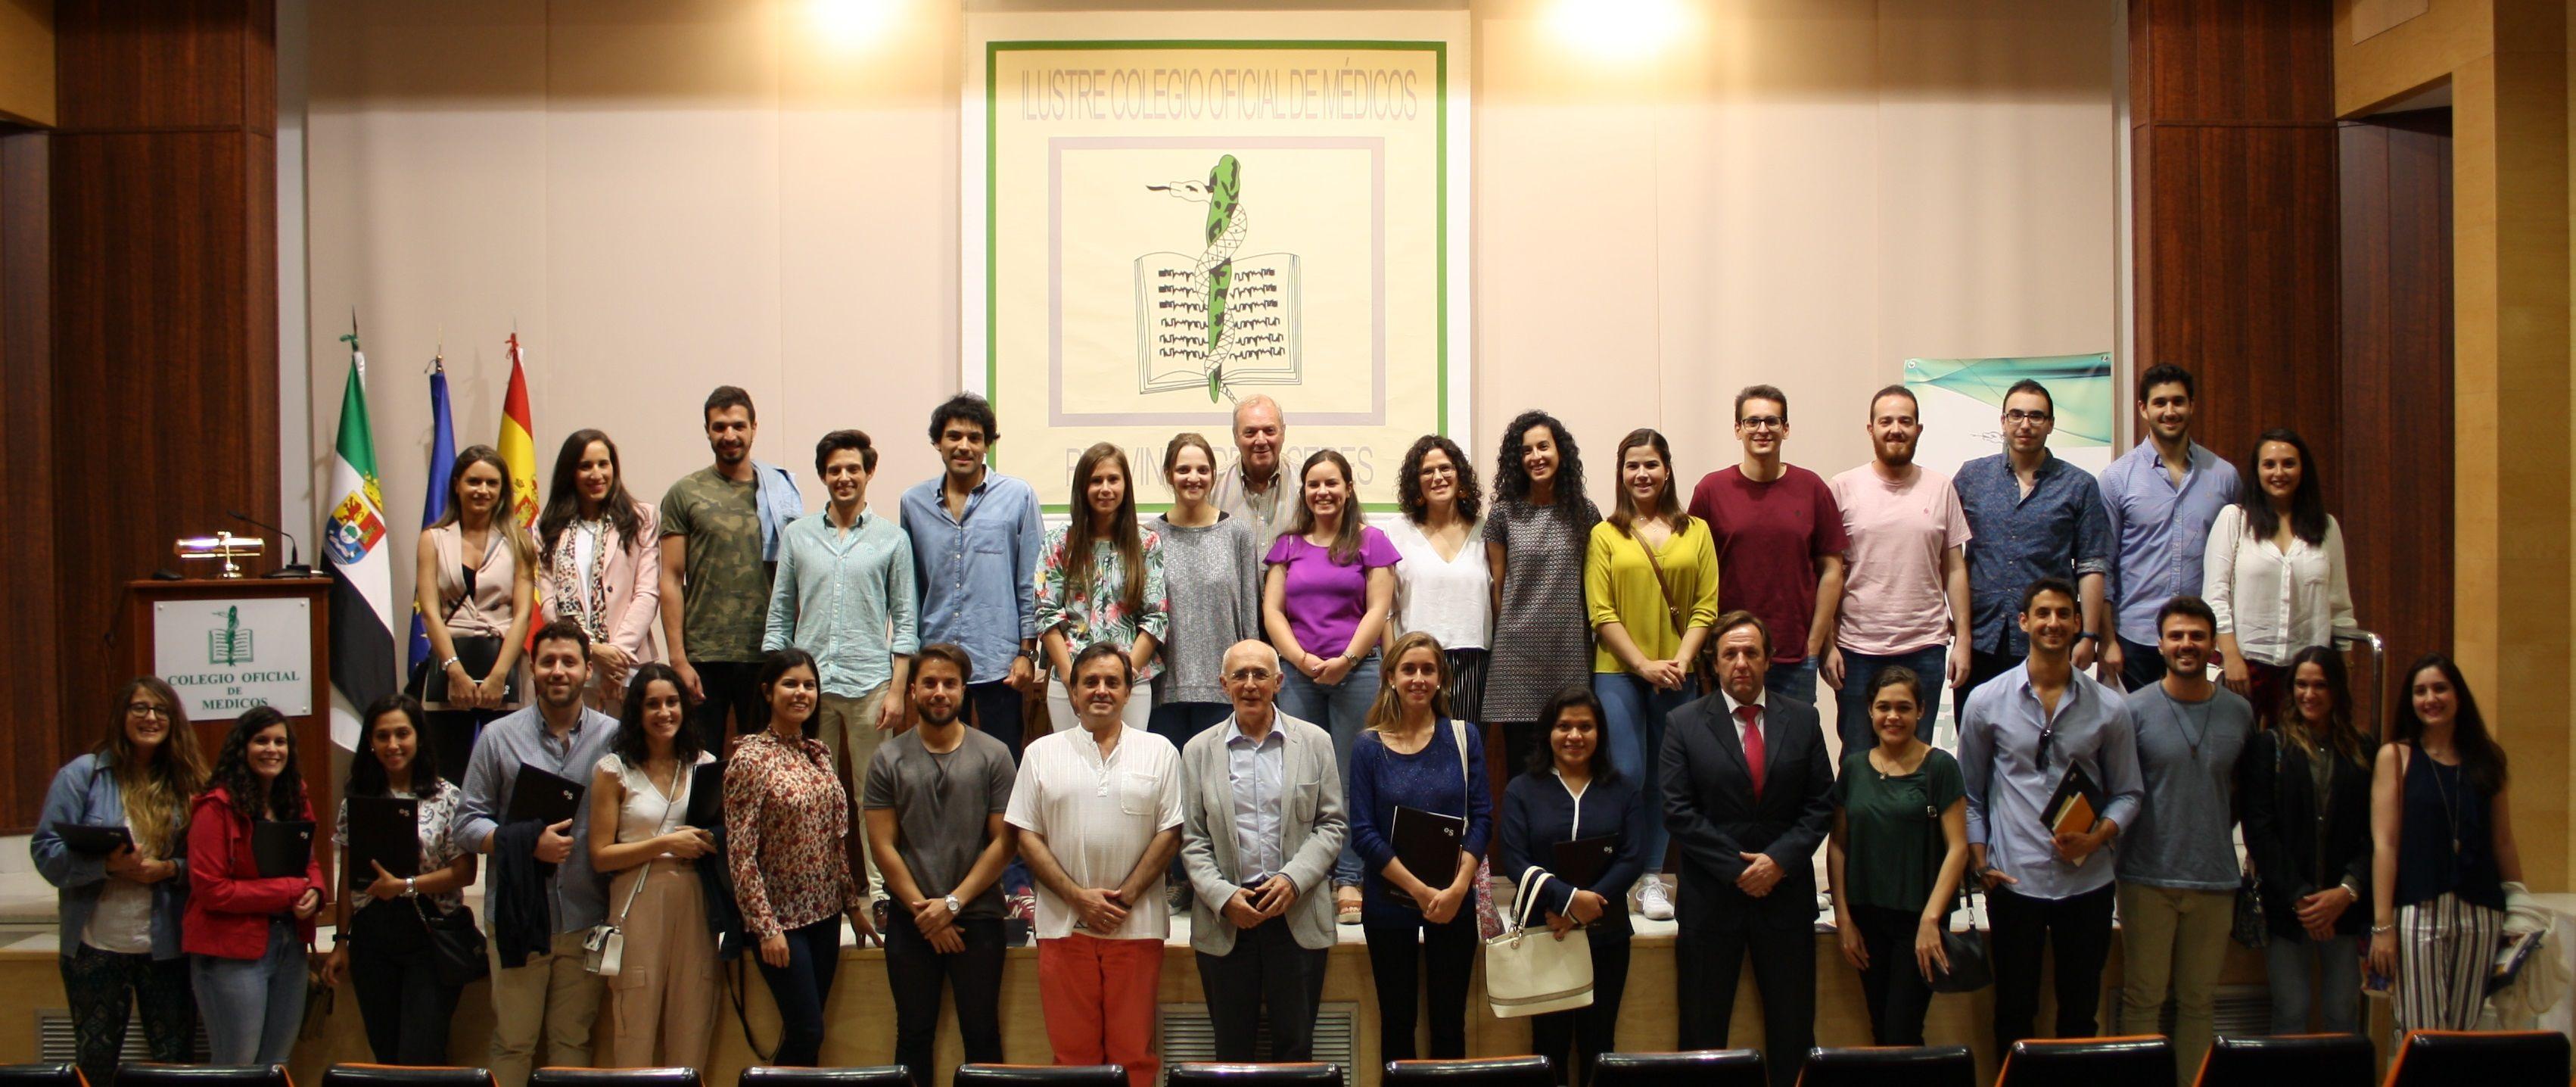 52 nuevos residentes médicos que han elegido Cáceres para formarse